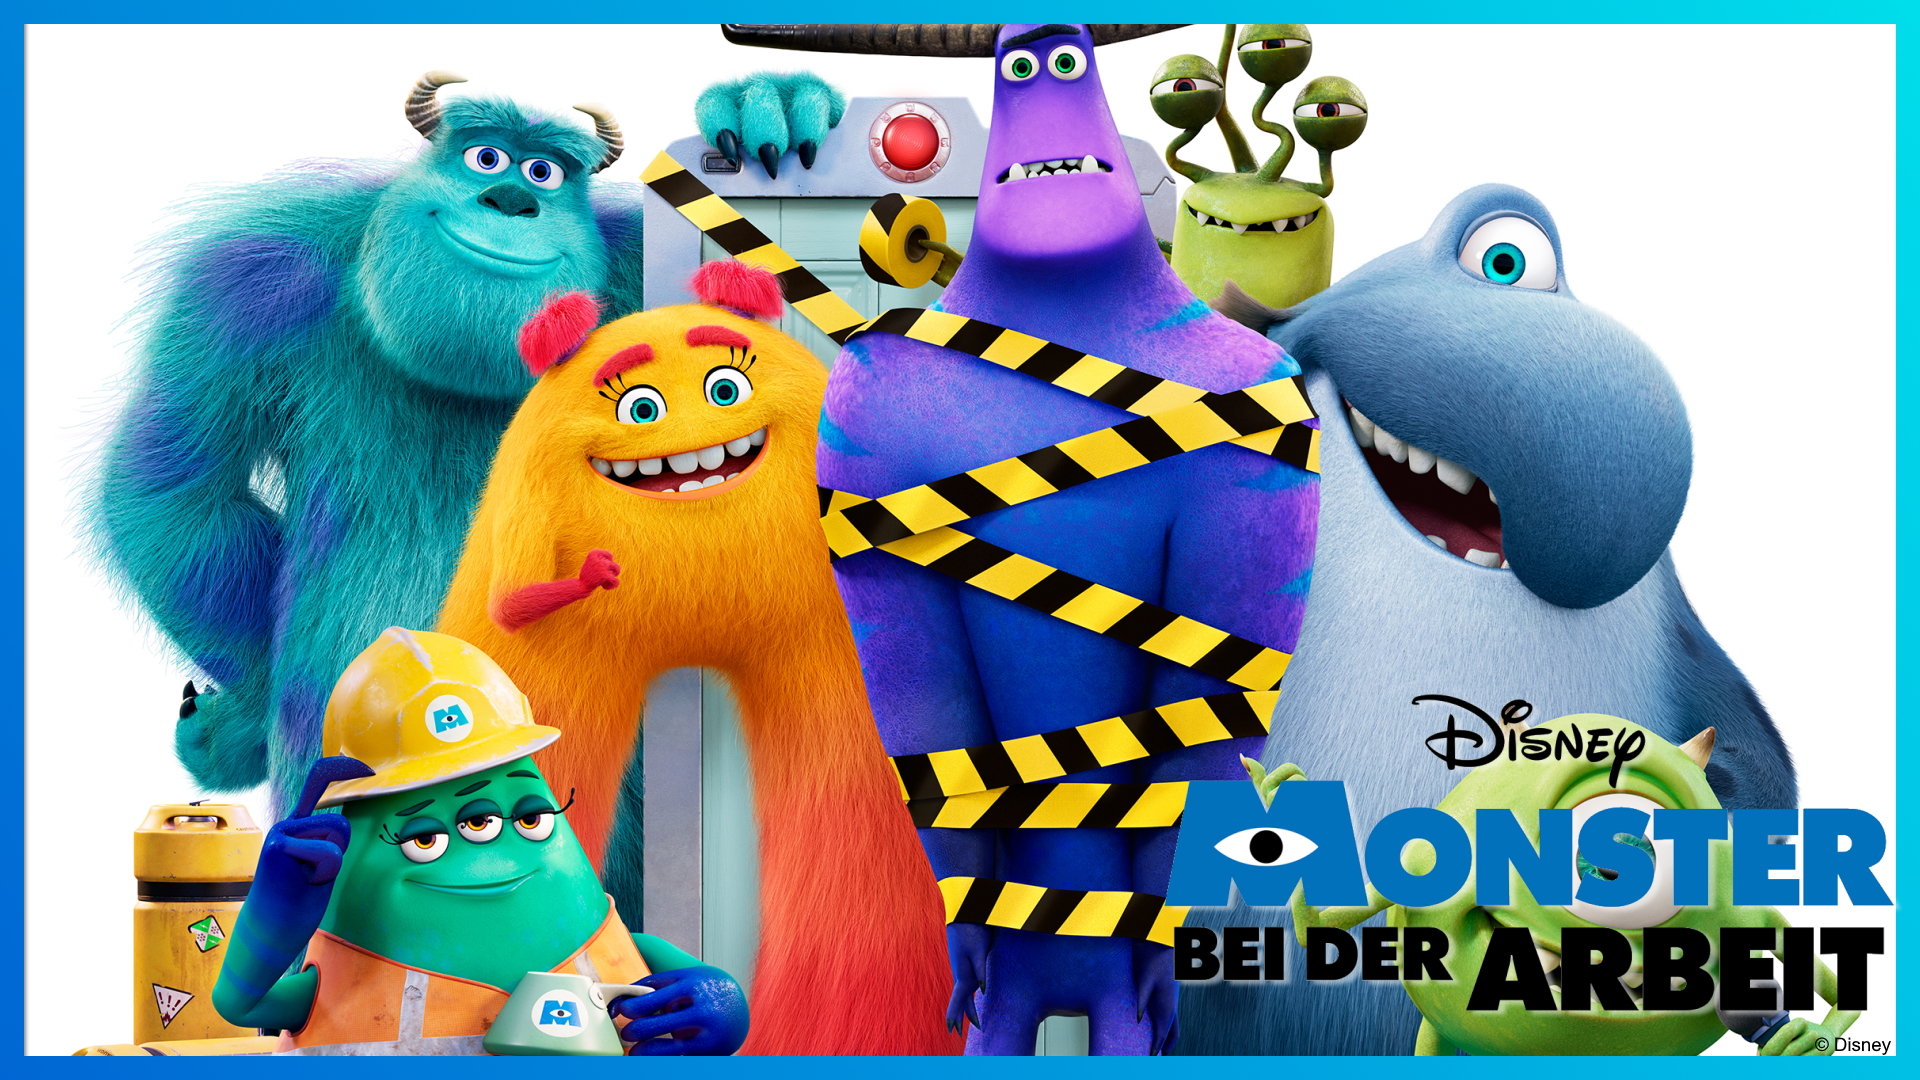 Alles zu Disney Monster bei der Arbeit